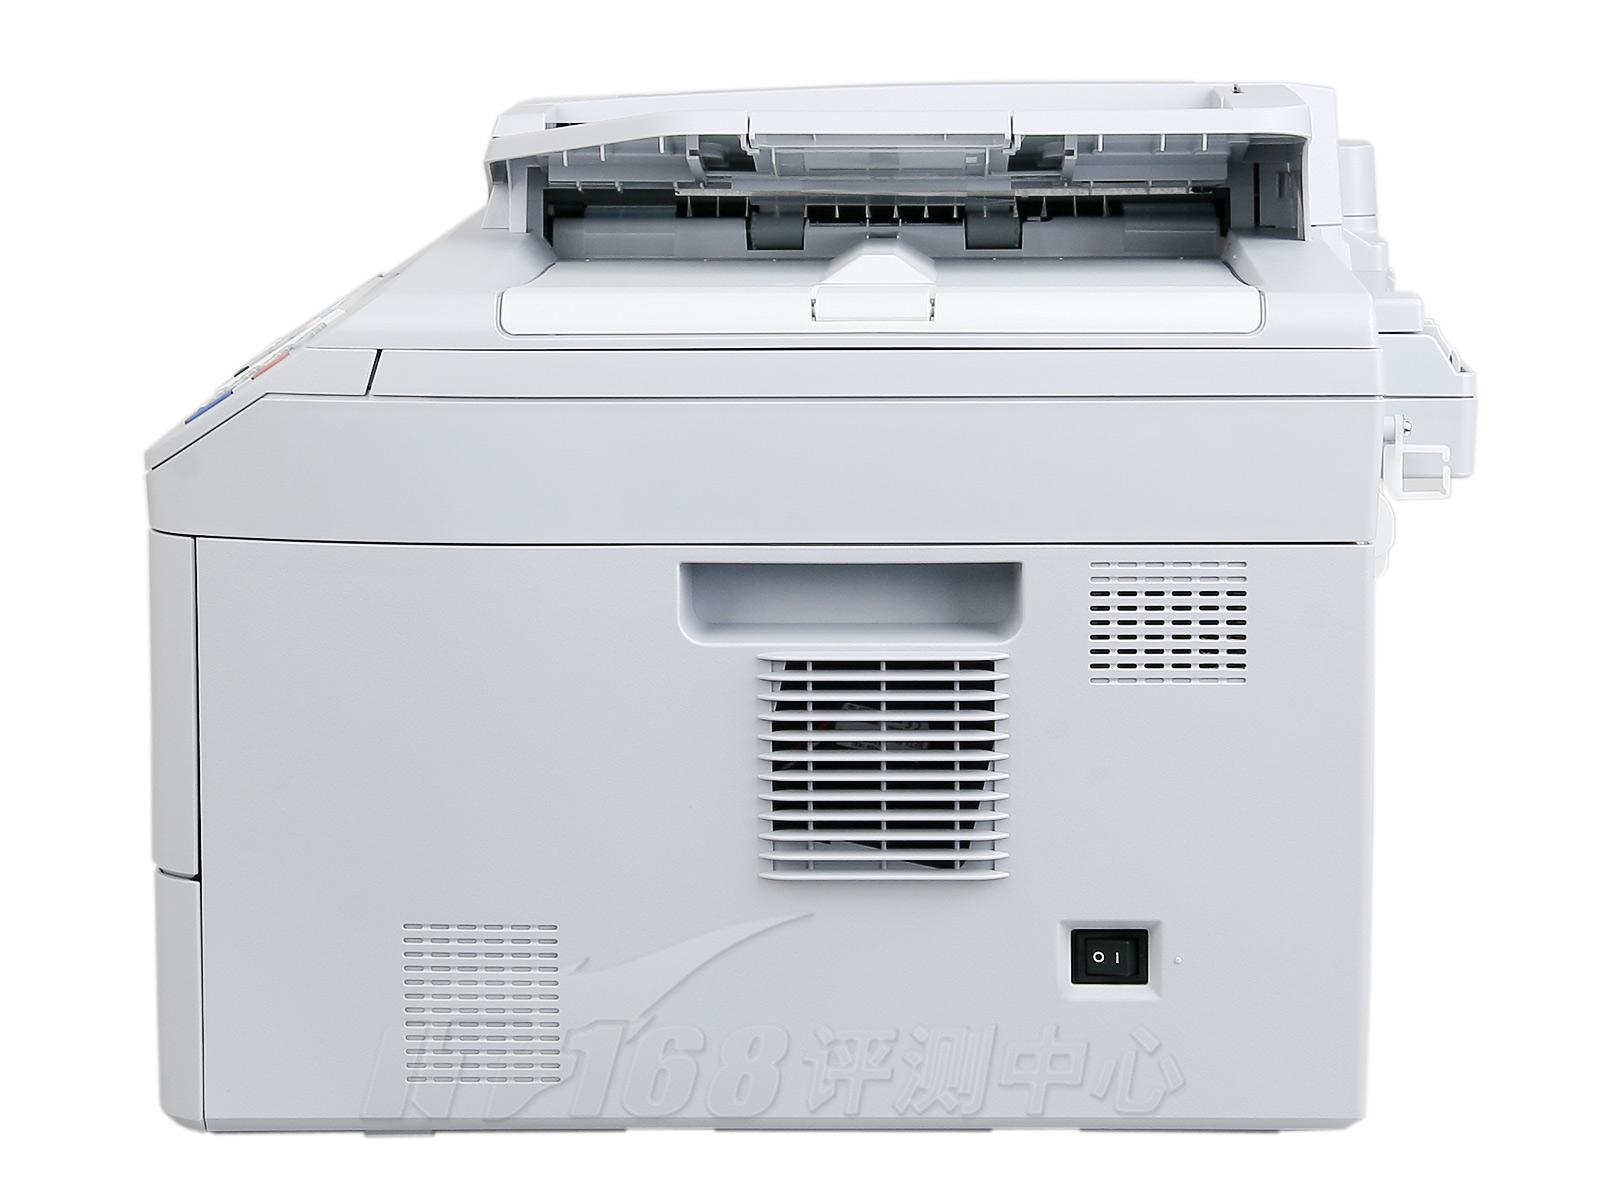 【IT168评测中心】2008年10月,兄弟发布了3款多功能黑白激光一体机产品,包括MFC-7340、MFC-7450、MFC-7840N,从命名方式上看,三款机型都是带有传真模块和ADF单元,MFC-7840则带有网络打印单元。MFC-7450是定位于最低端商务应用的黑白激光一体机,标称22ppm的打印和复印速度,使用基于主机的GDI打印语言,物理分辨率600dpi。这款一体机以3299元的价格上市,上市一年之后,价格出现大幅下跌,目前最低售价已经接近2300元。  兄弟MFC-7450黑白激光一体机